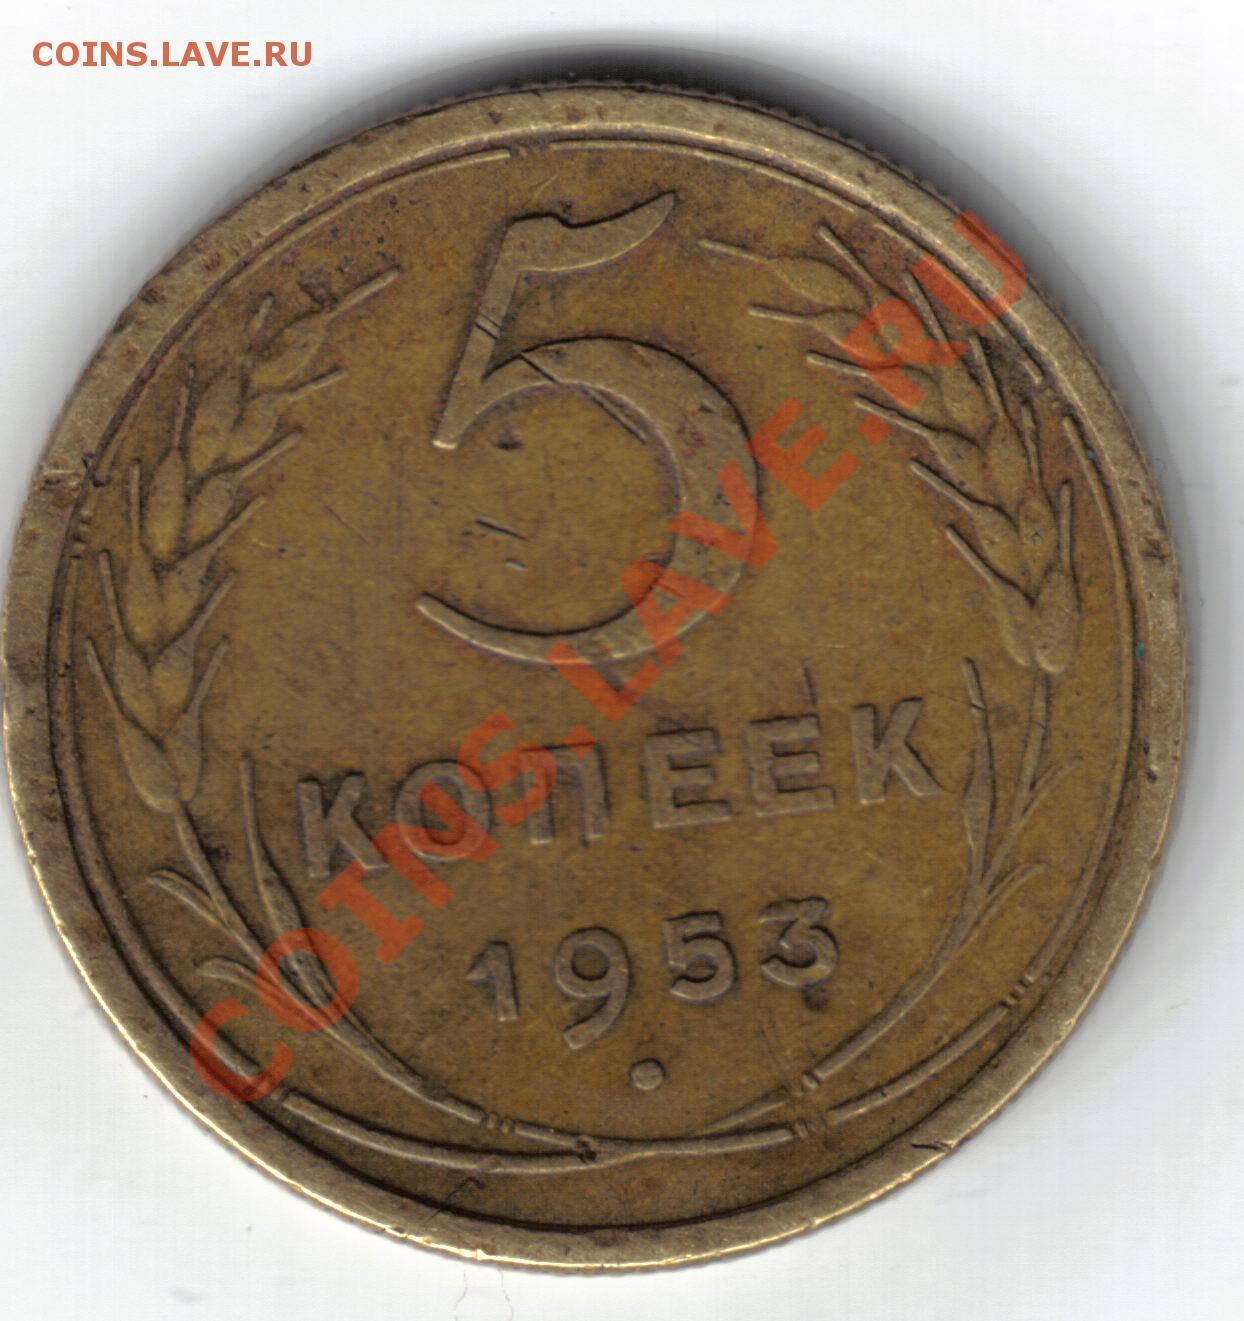 Как определить штемпель монеты сколько стоит 50 грошуй 1975 года